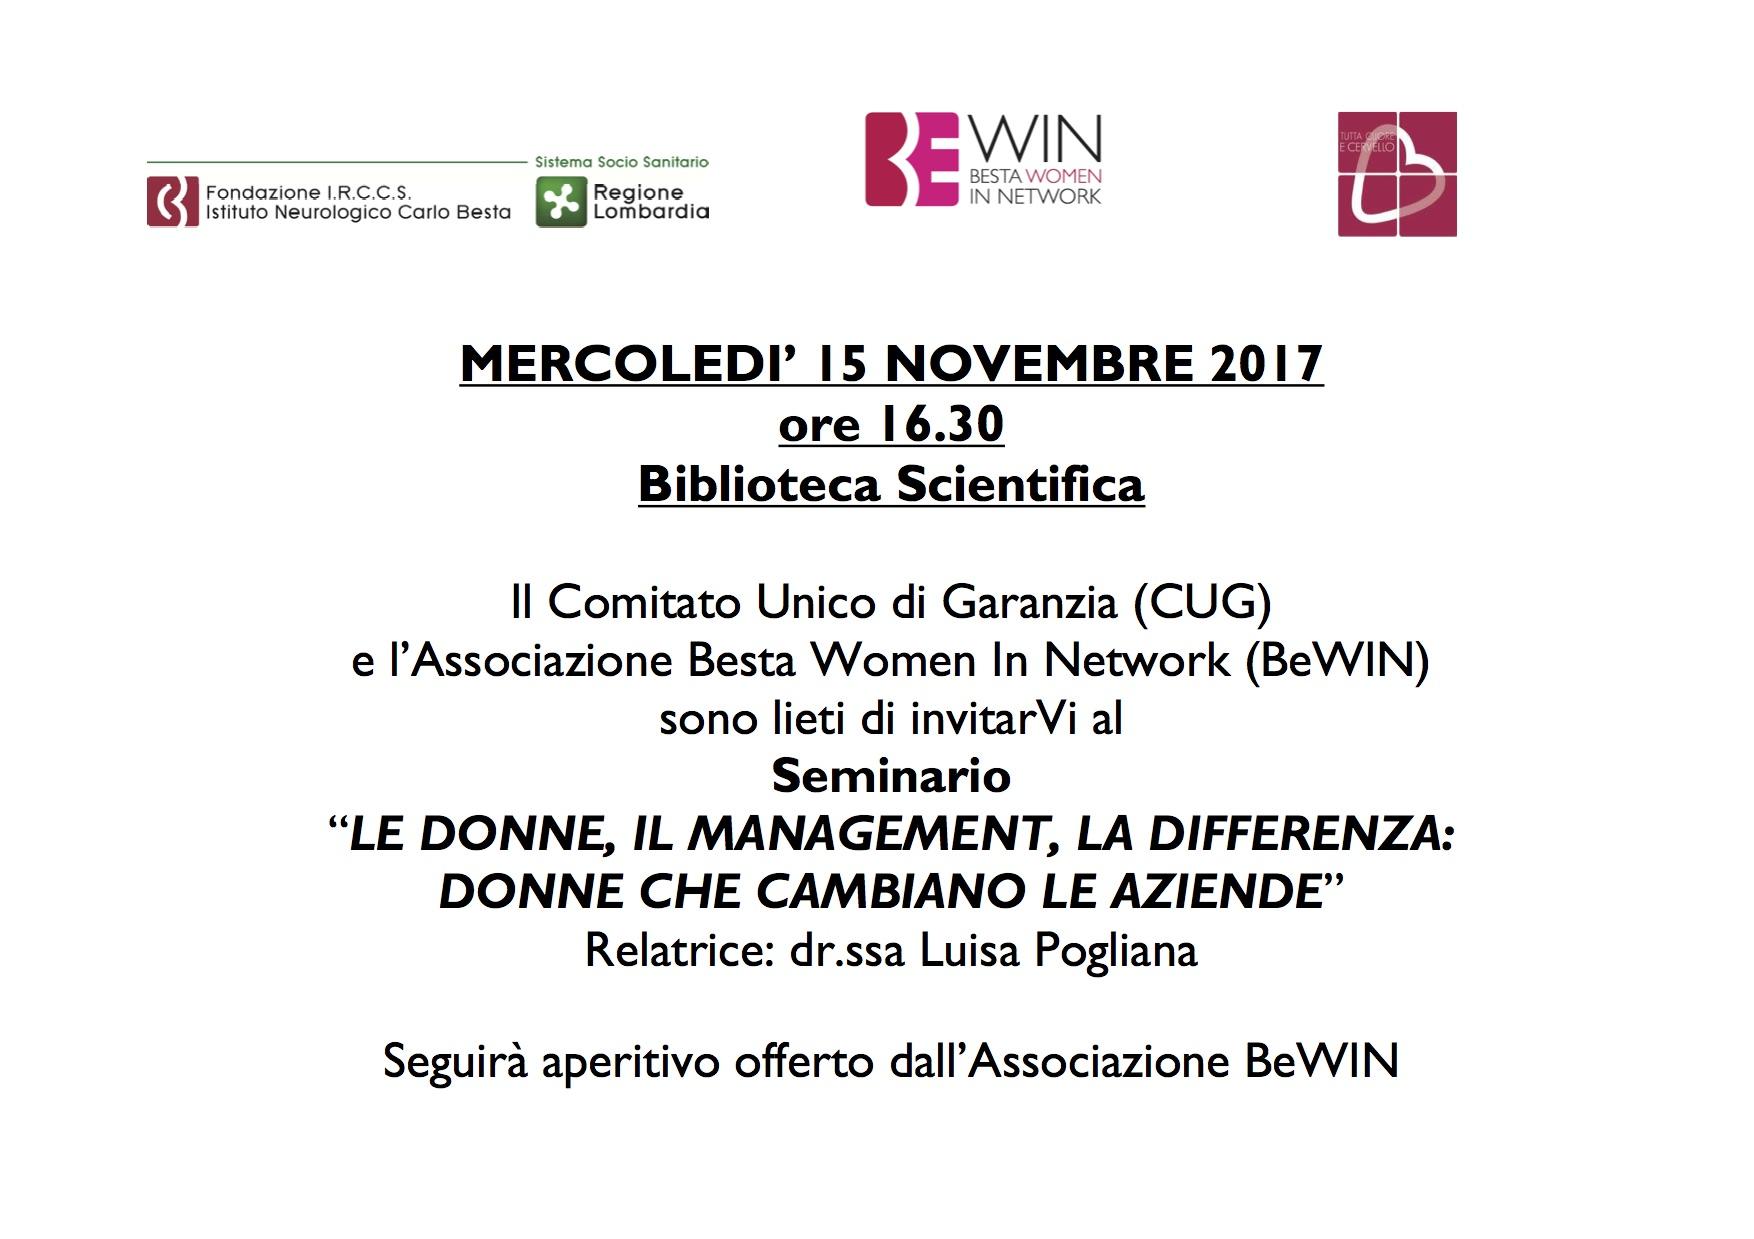 Evento CUG-BEWIN 15 novembre